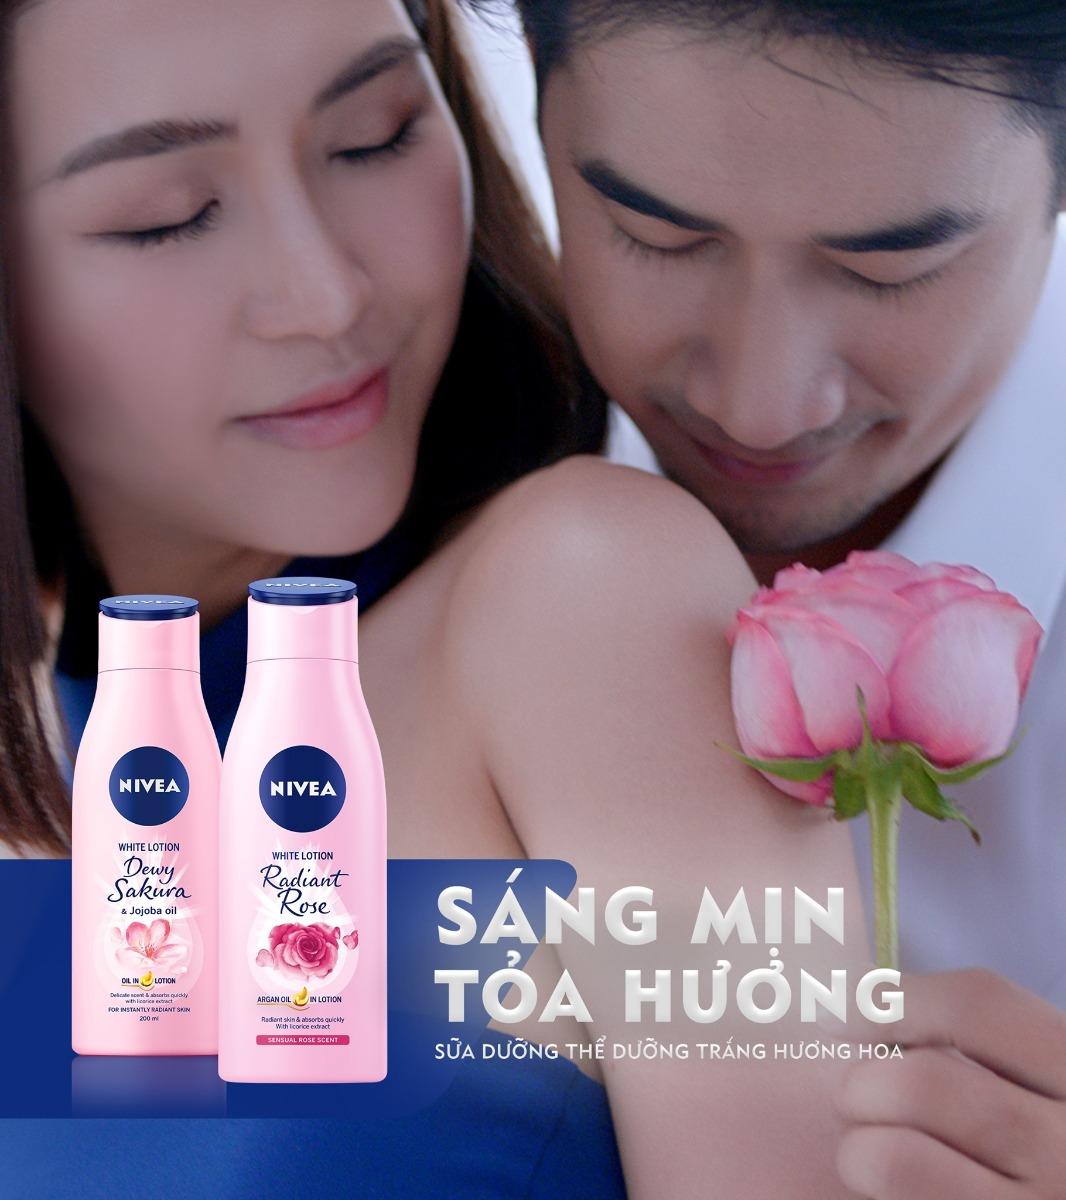 Sữa Dưỡng Thể Nivea White Lotion Dewy Sakura hương hoa anh đào tinh tế quyến rũ